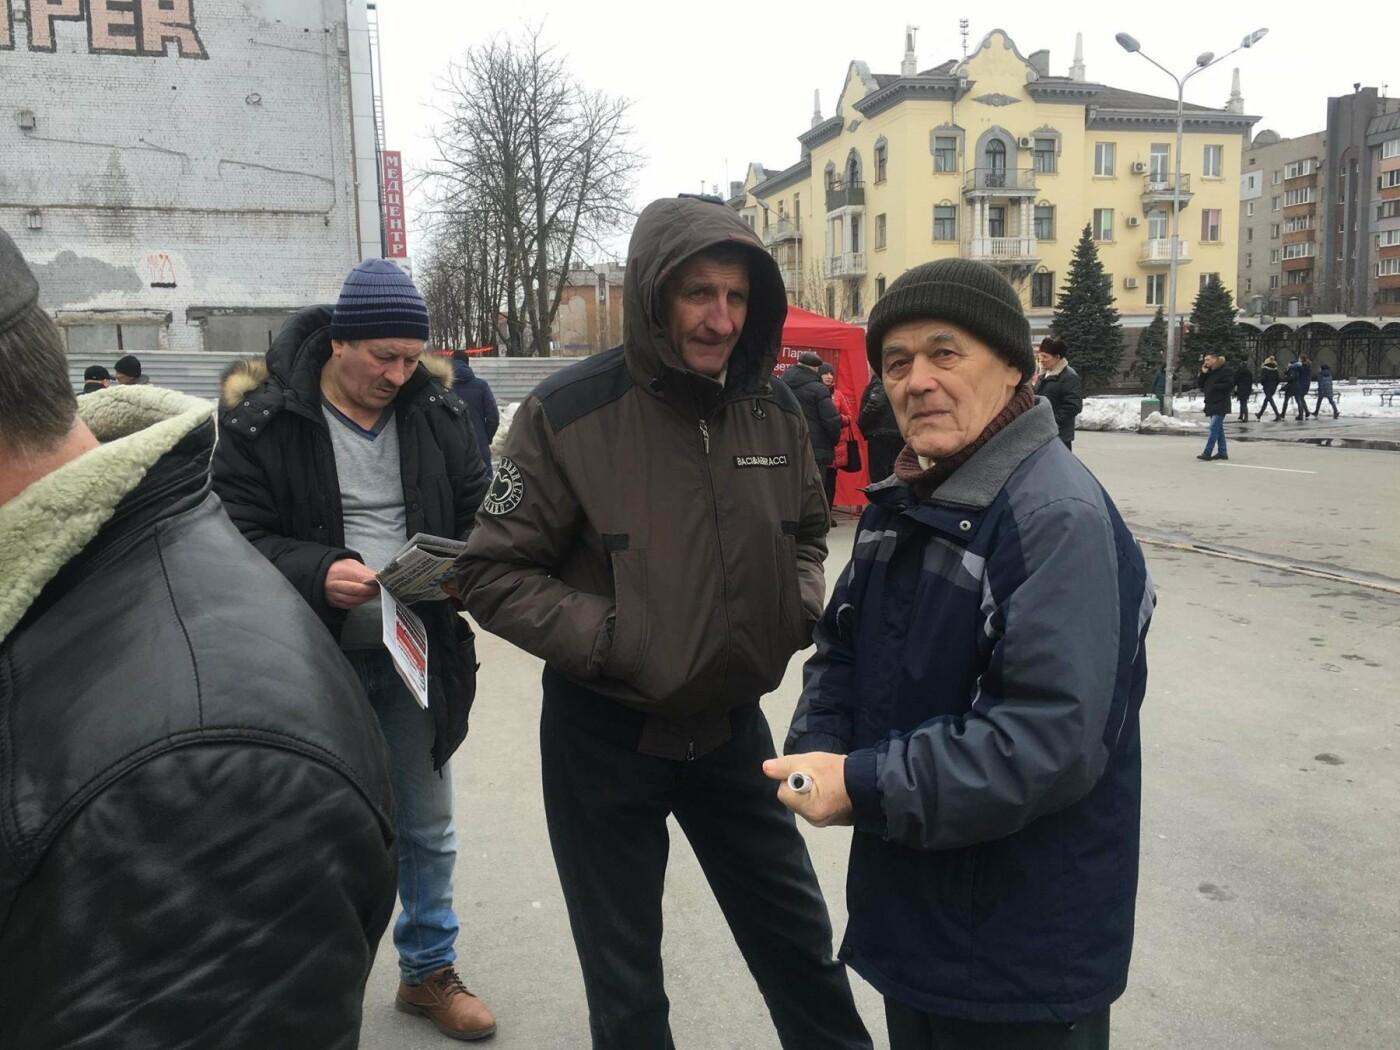 Над проспектом Почтовым в Кривом Роге сегодня звучат слова Кобзаря (ФОТО, ВИДЕО), фото-2